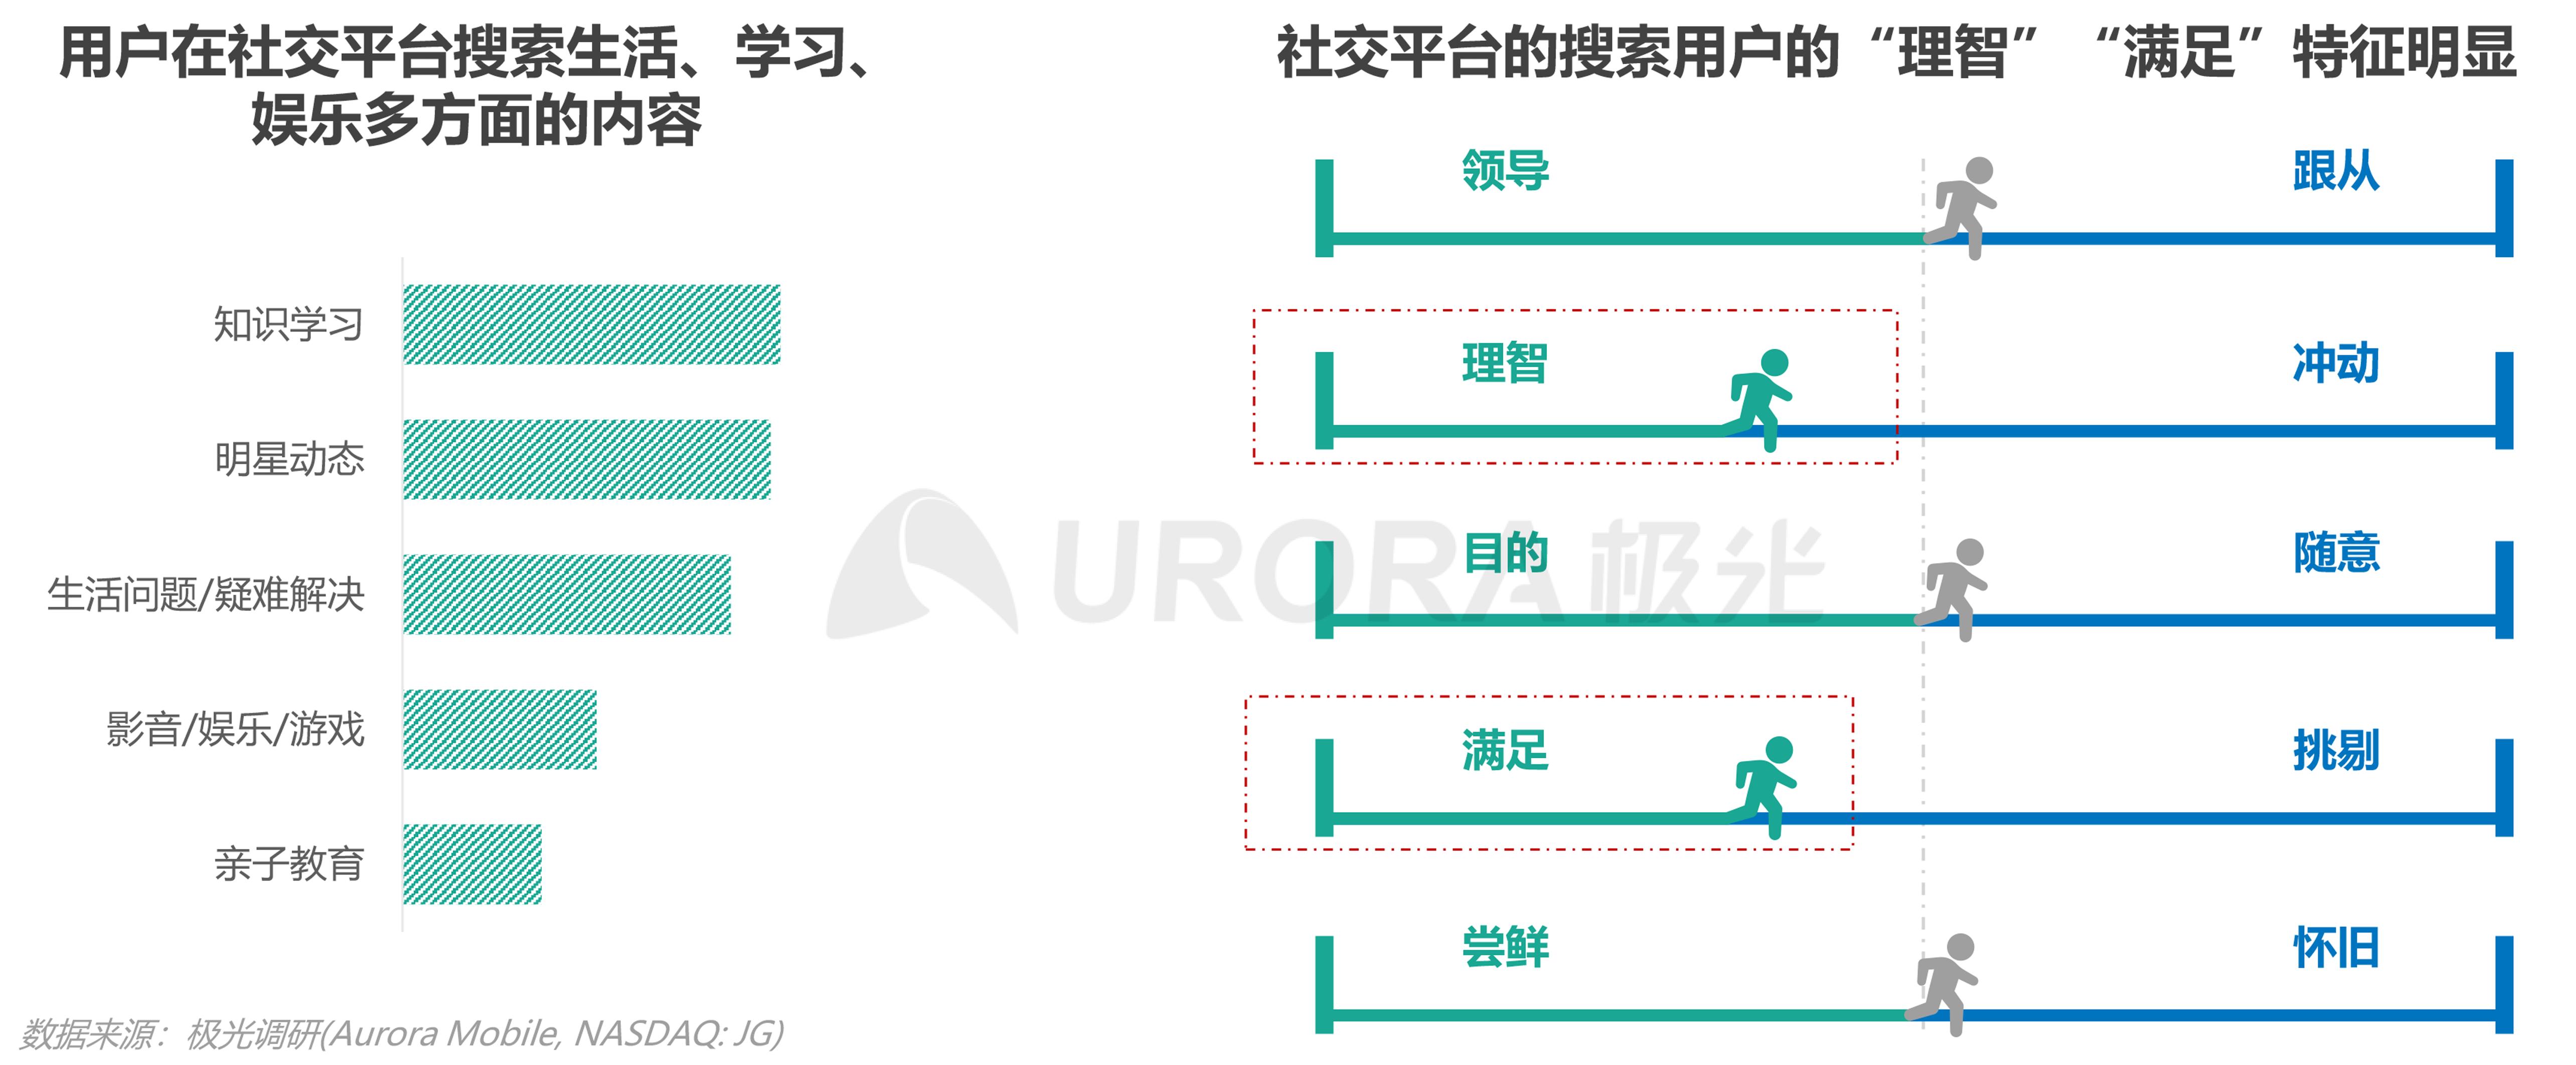 极光:内容生态搜索趋势报告png (10).png